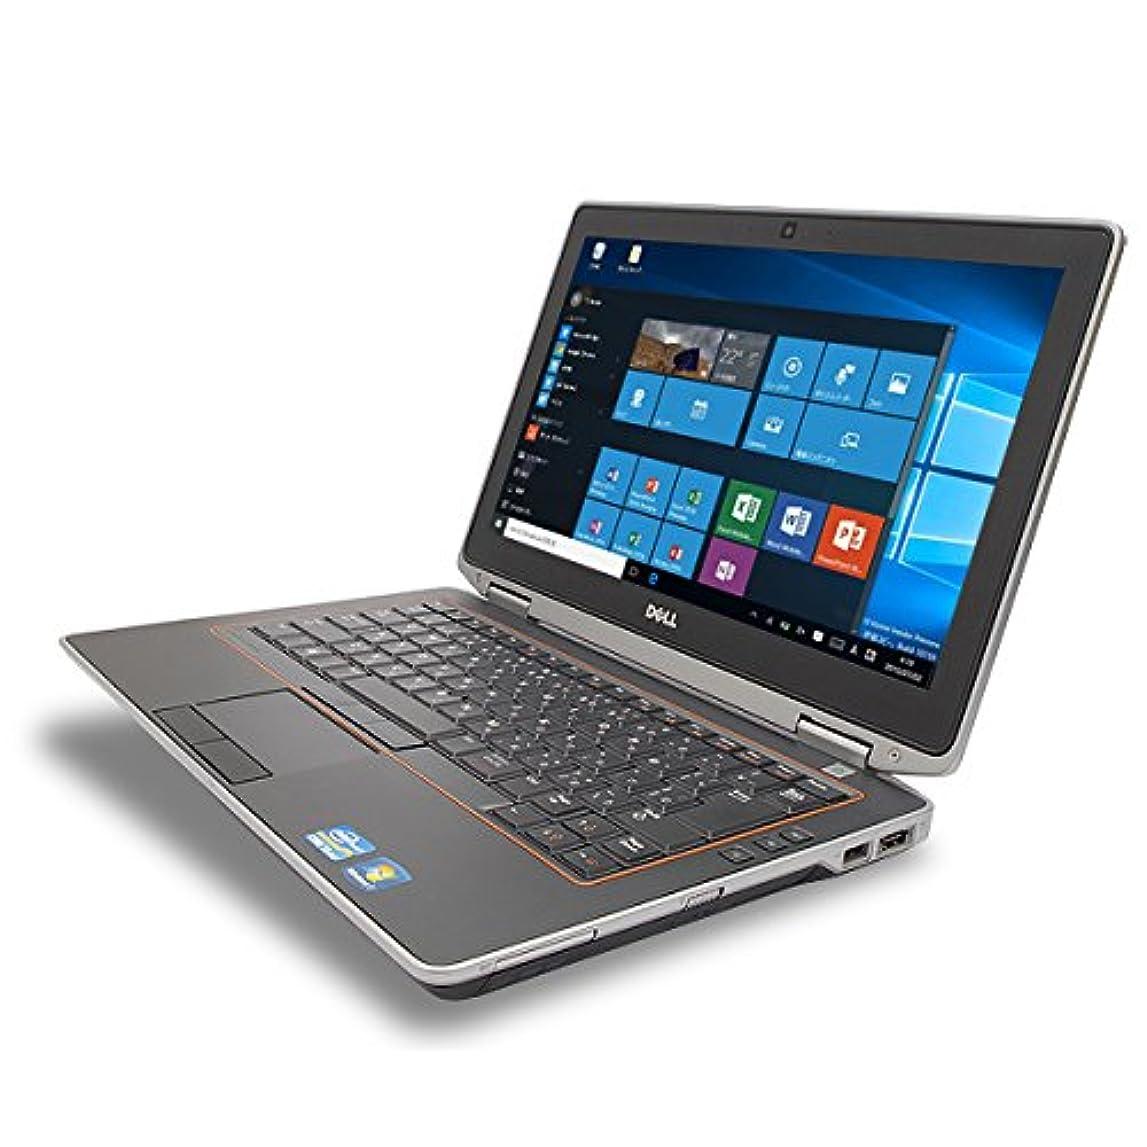 ボアモザイク交渉するノートパソコン 中古 DELL Latitude E6320 Core i5 4GBメモリ 13.3インチ DVDマルチ Windows10 MicrosoftOffice2013